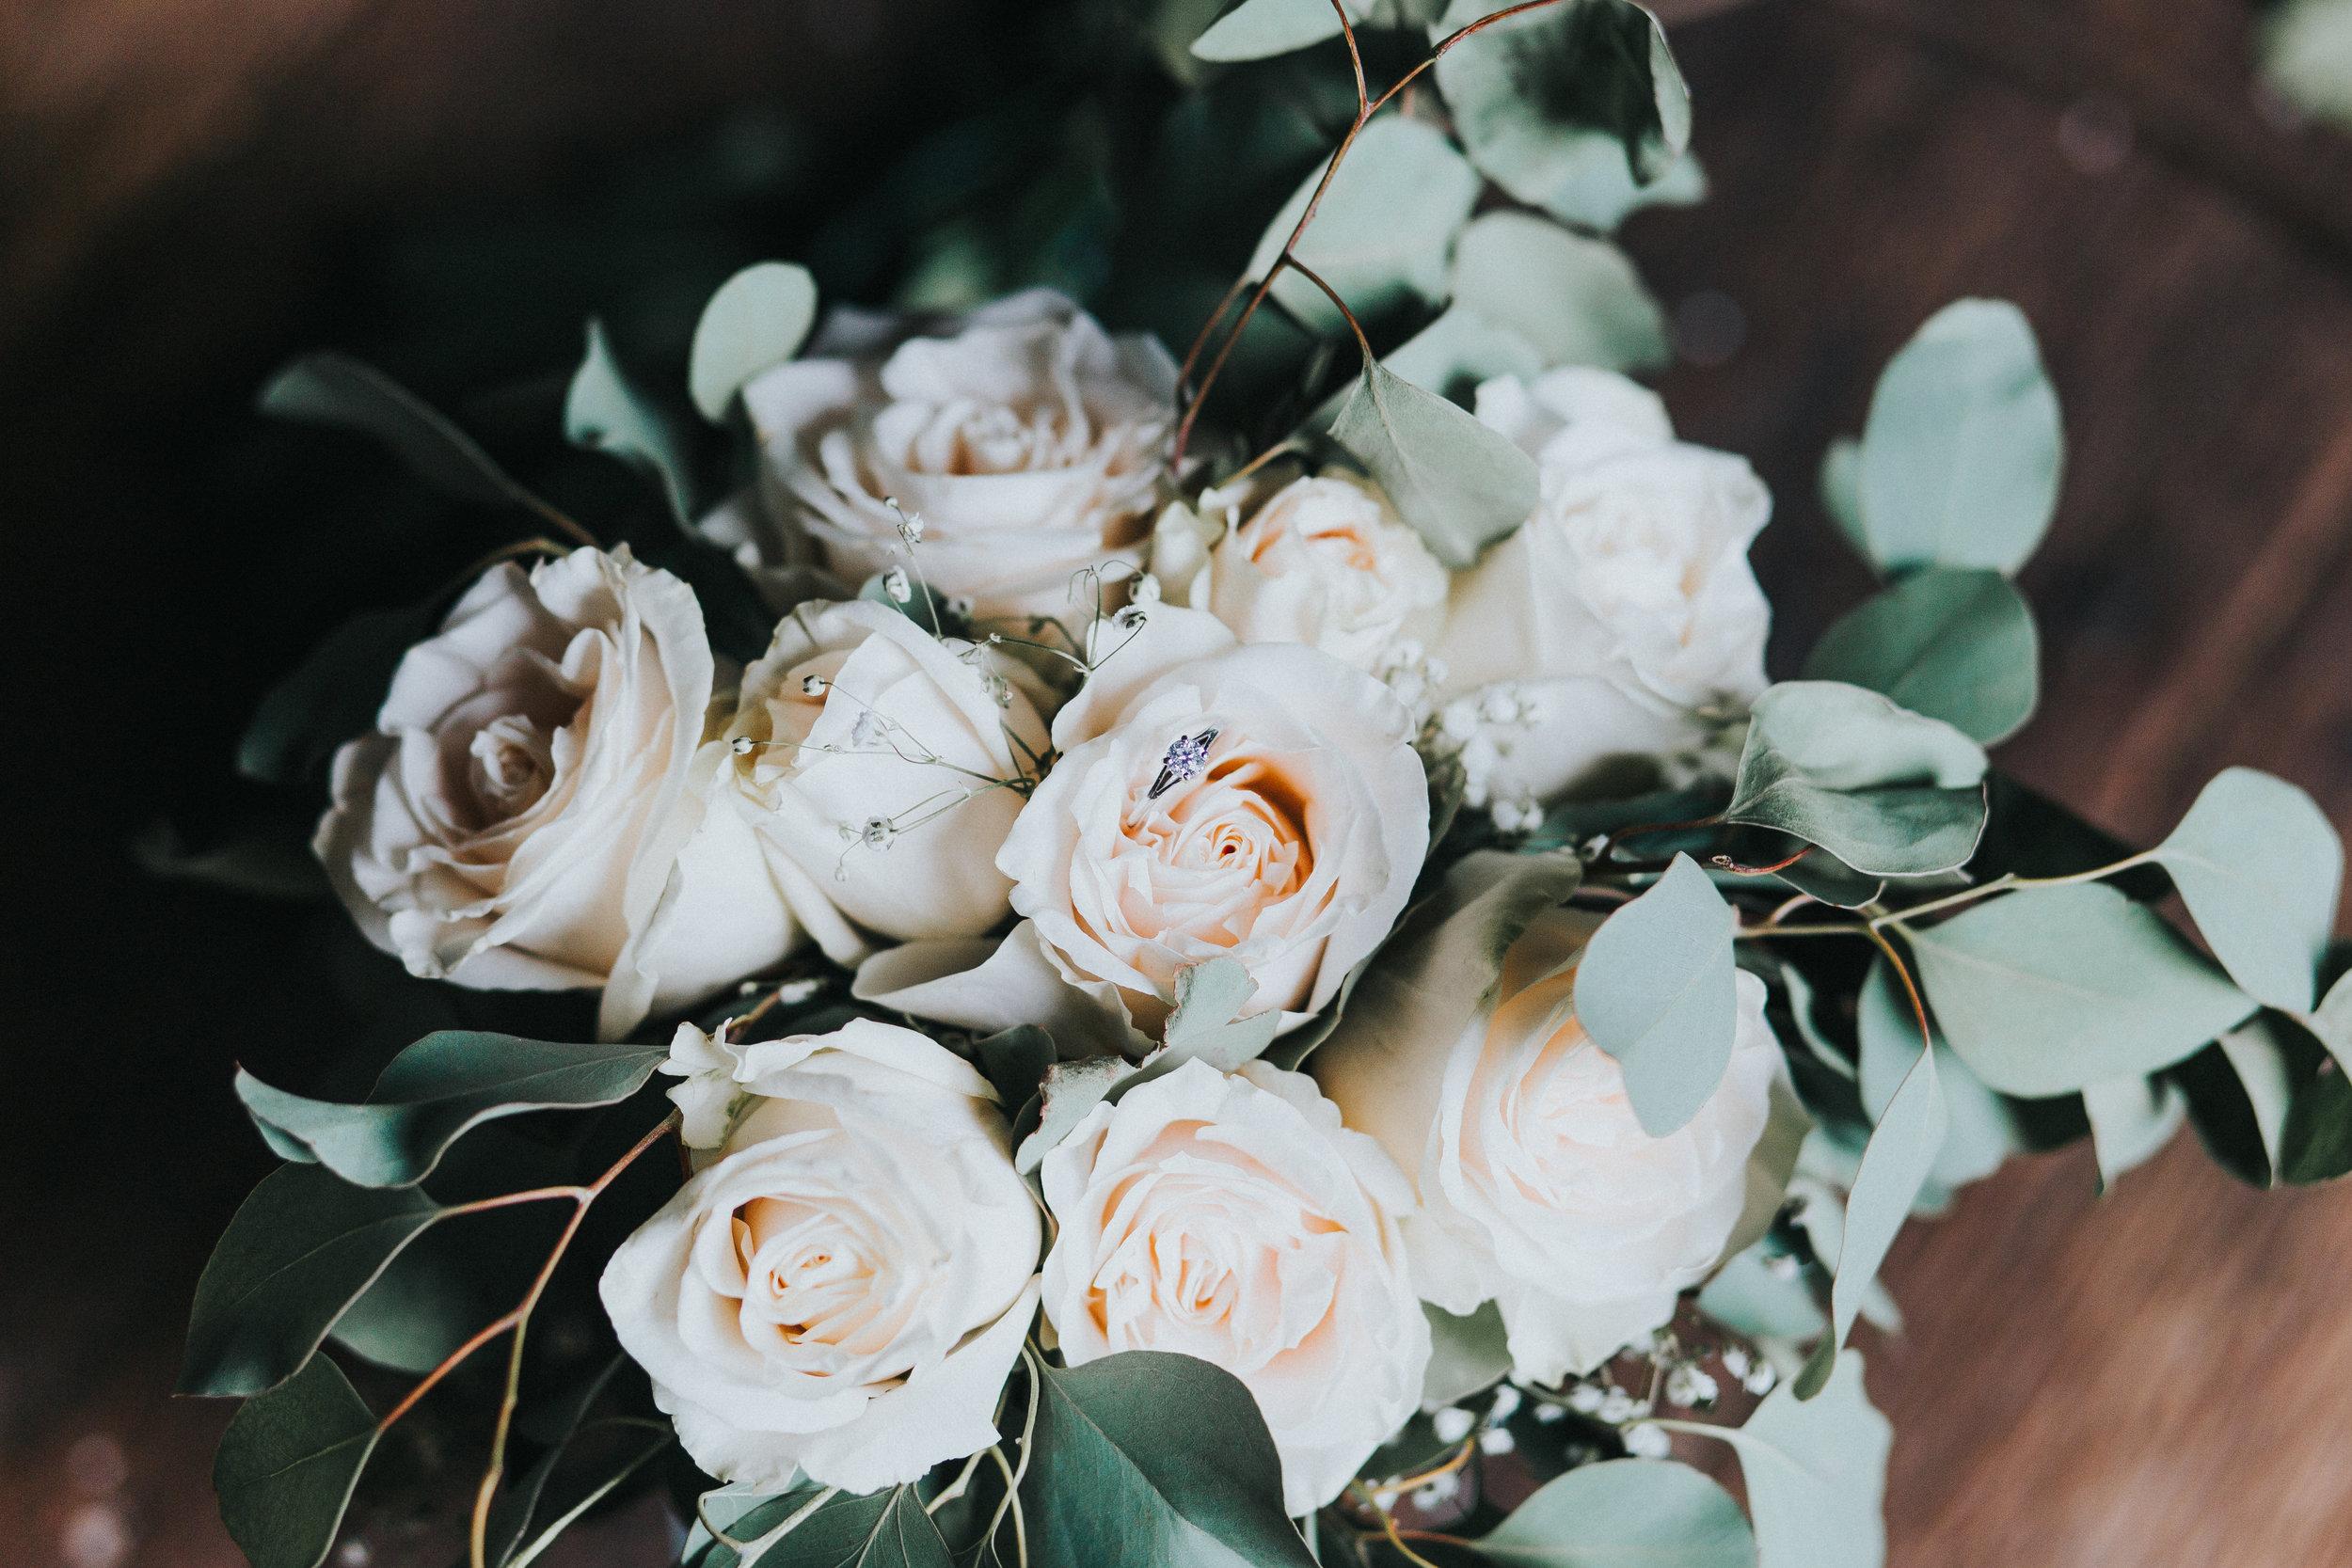 Weddings - Starting at $2000